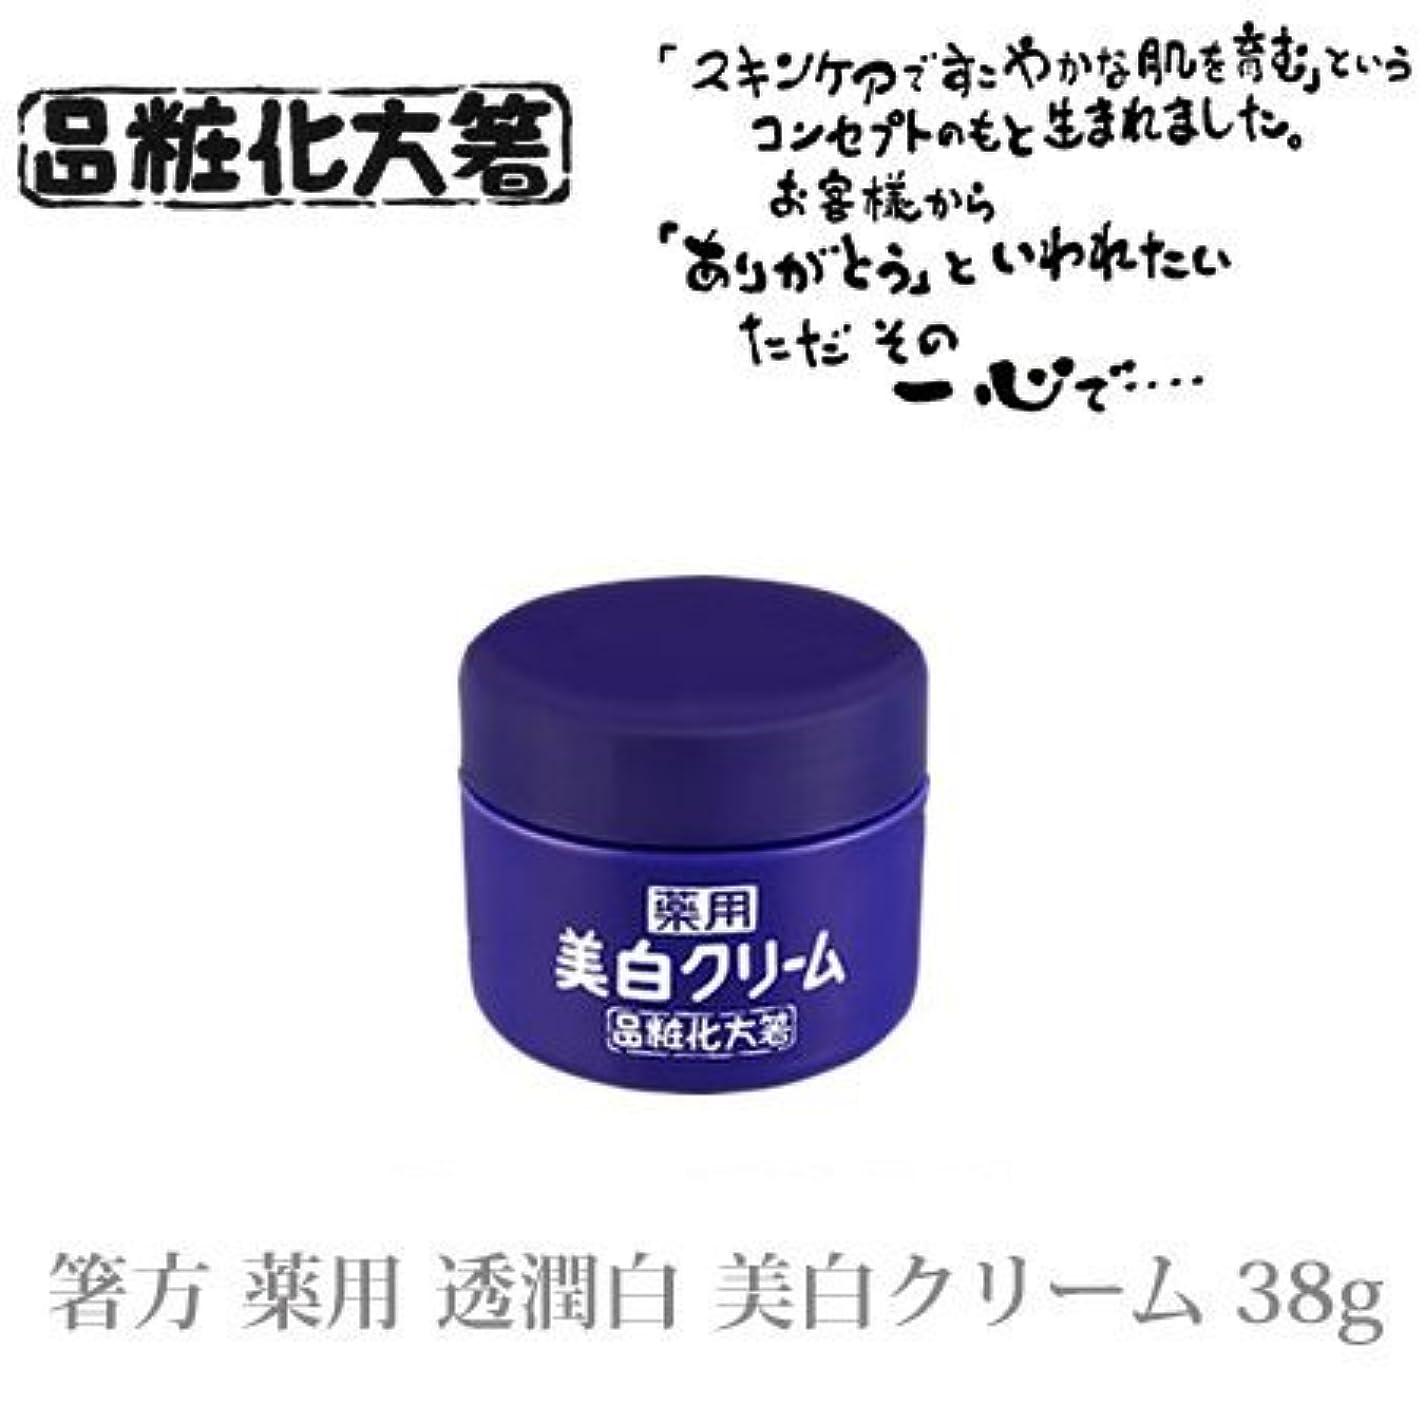 浅い慣性家庭箸方化粧品 薬用 透潤白 美白クリーム 38g はしかた化粧品